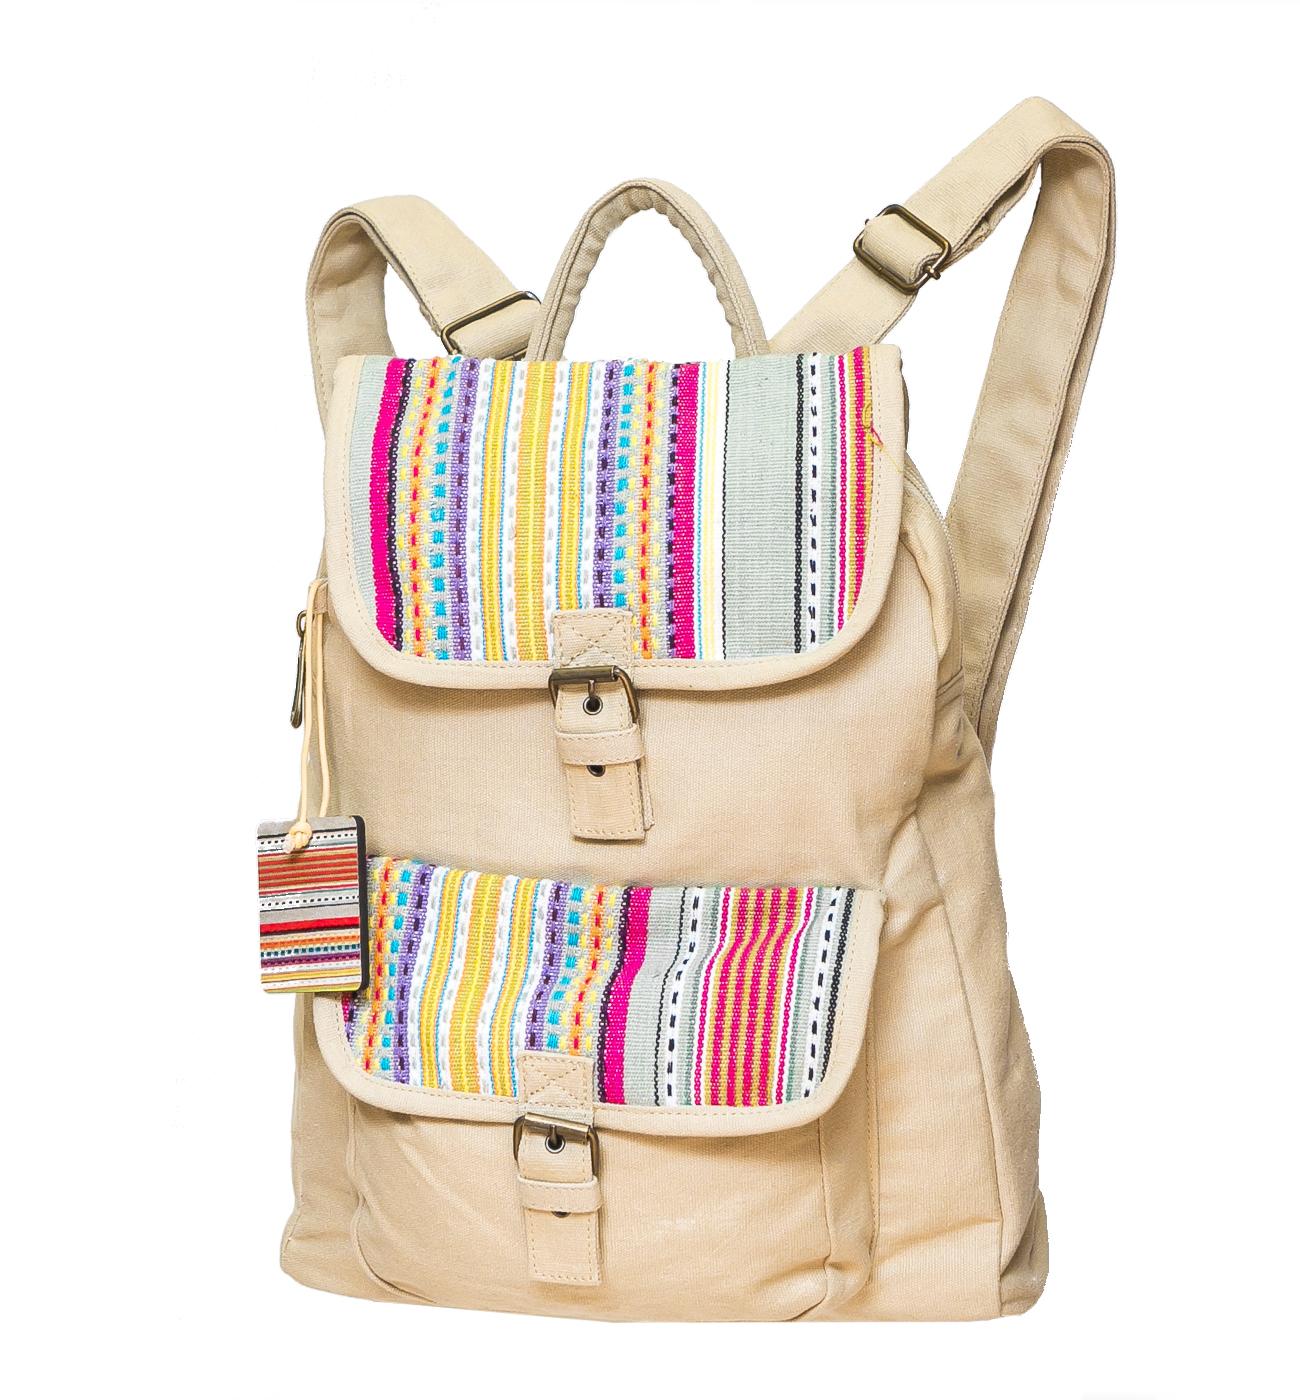 Justo сумка рюкзак рюкзак сумка в виде тубуса